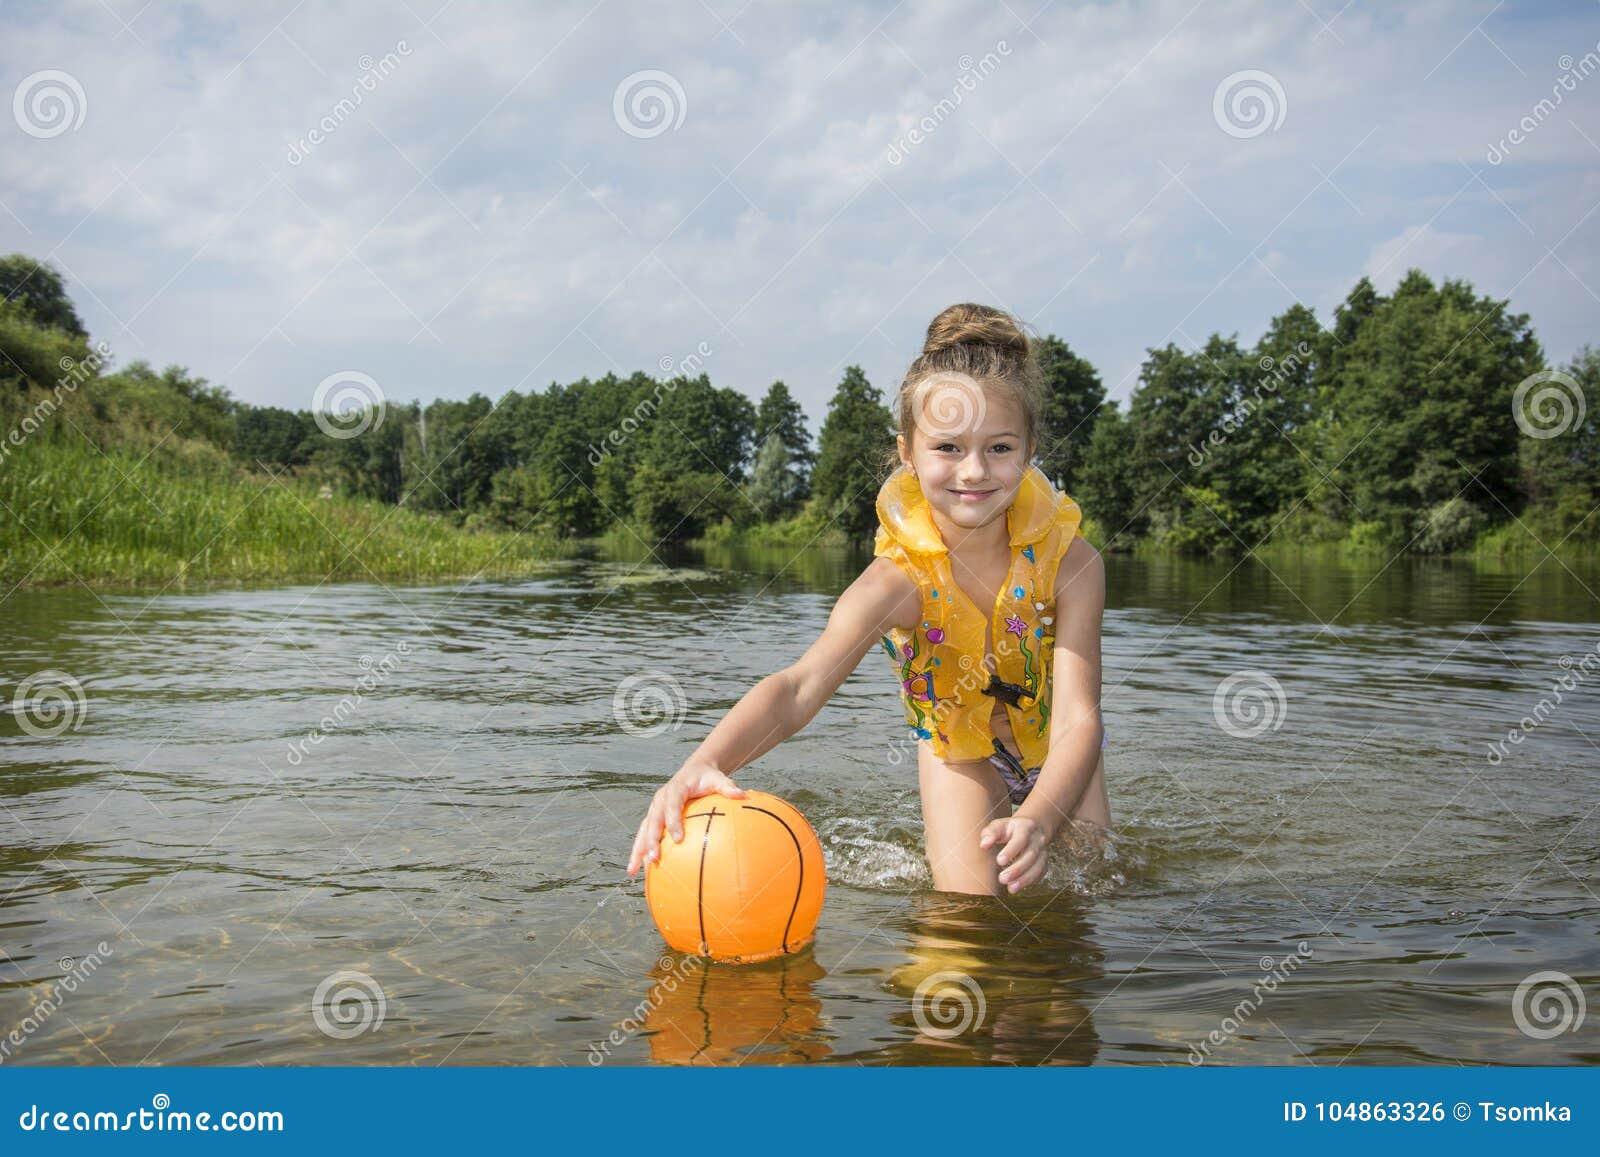 W lecie, na rzece, dziewczyna w kamizelce bawić się z piłką